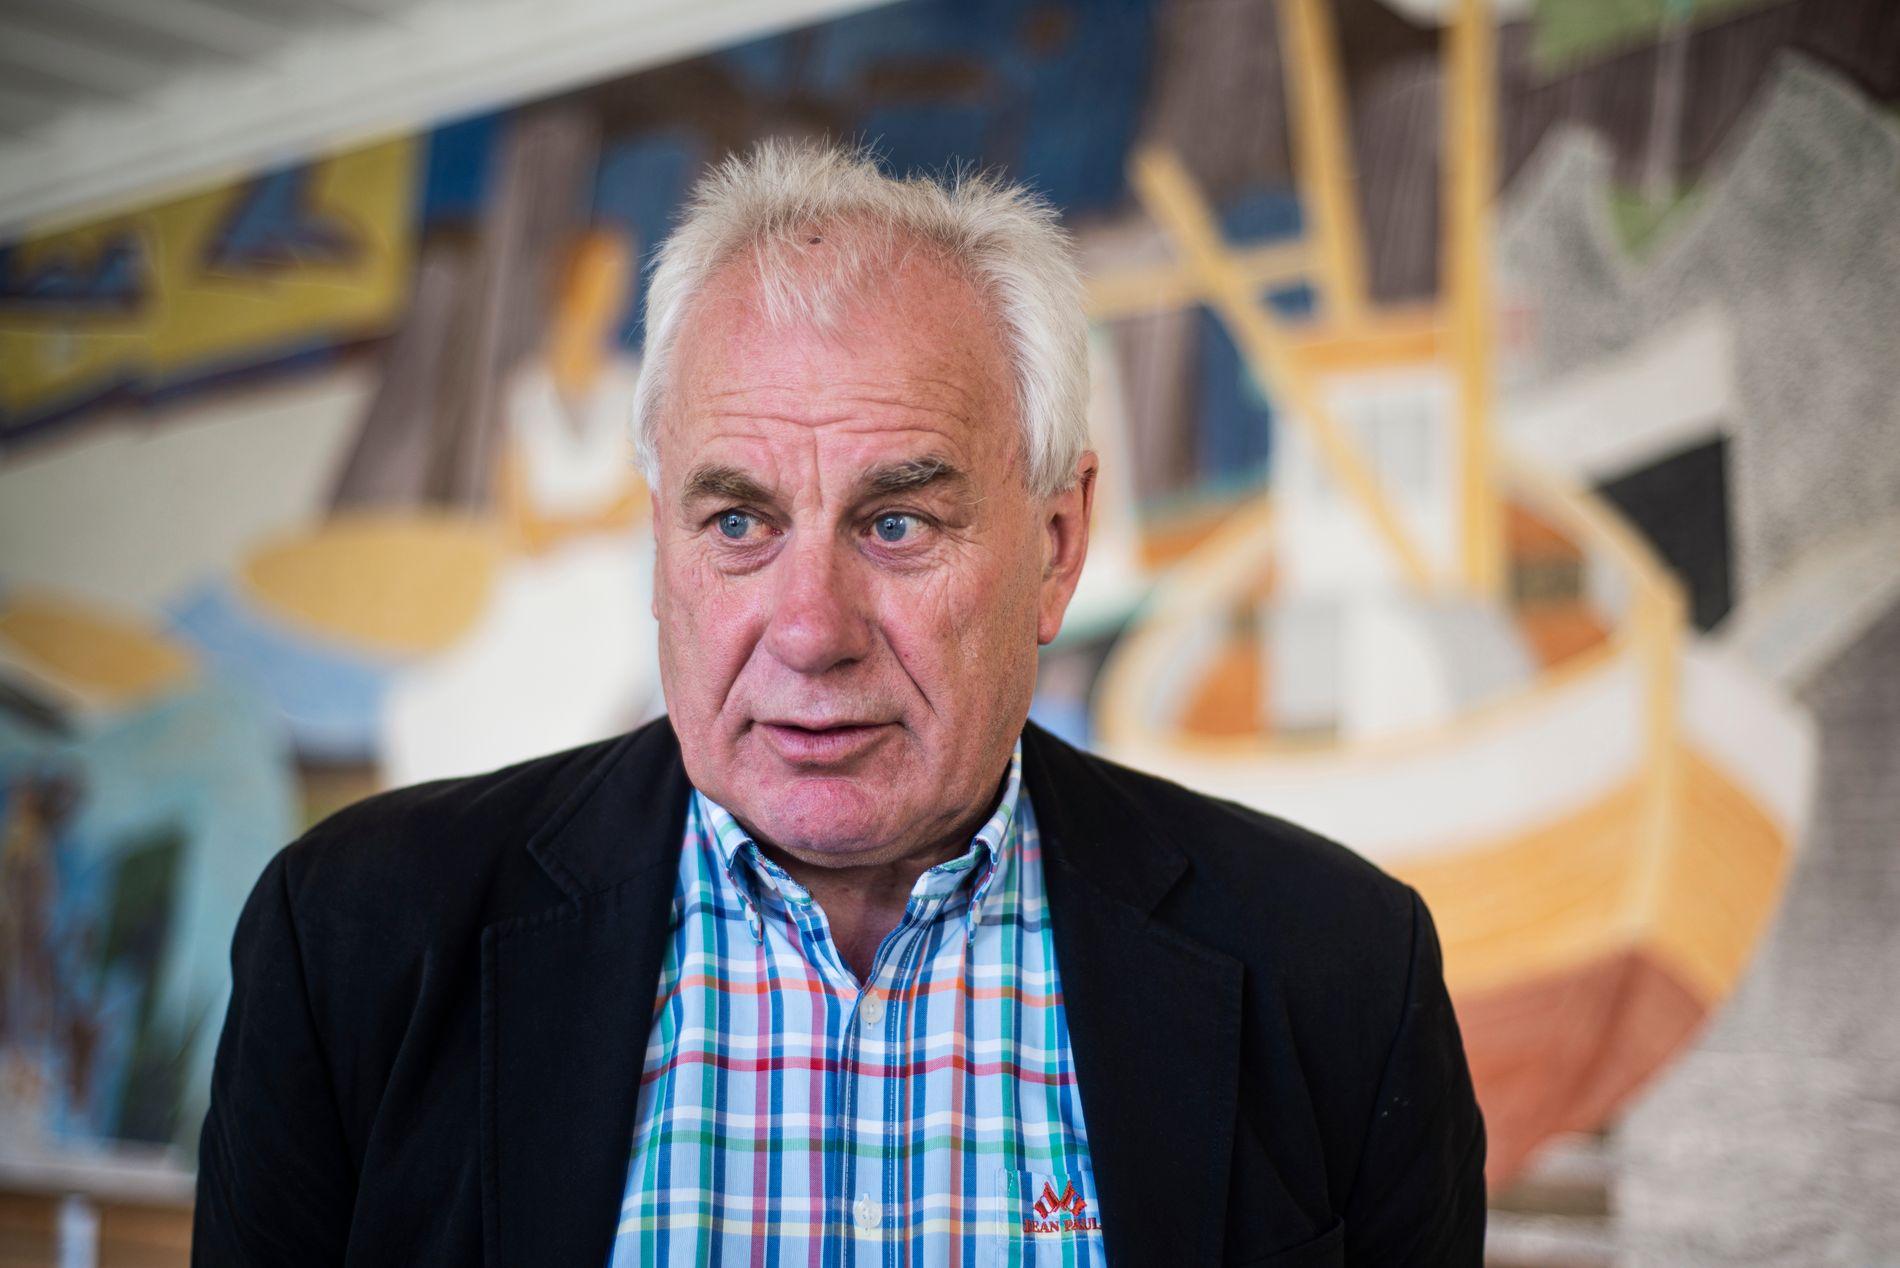 BEKYMRET: Bård Espelid mener Askøy kommune fortjener et styringsdyktig flertall som kan være robust over tid.